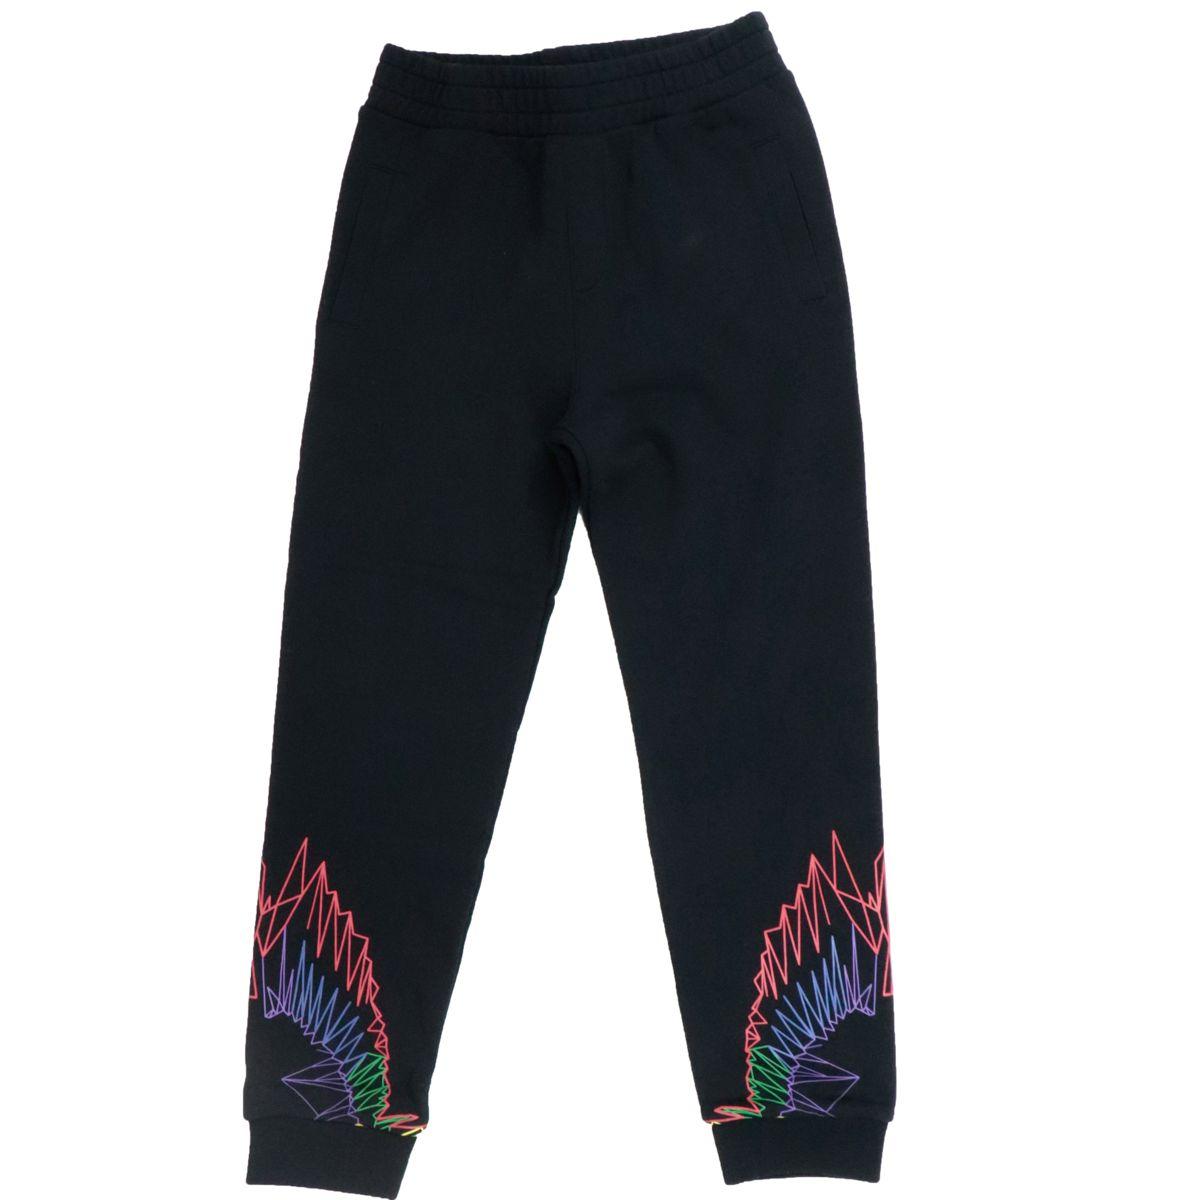 Pantalone sportivo in misto cotone con stampa fluo Nero MARCELO BURLON